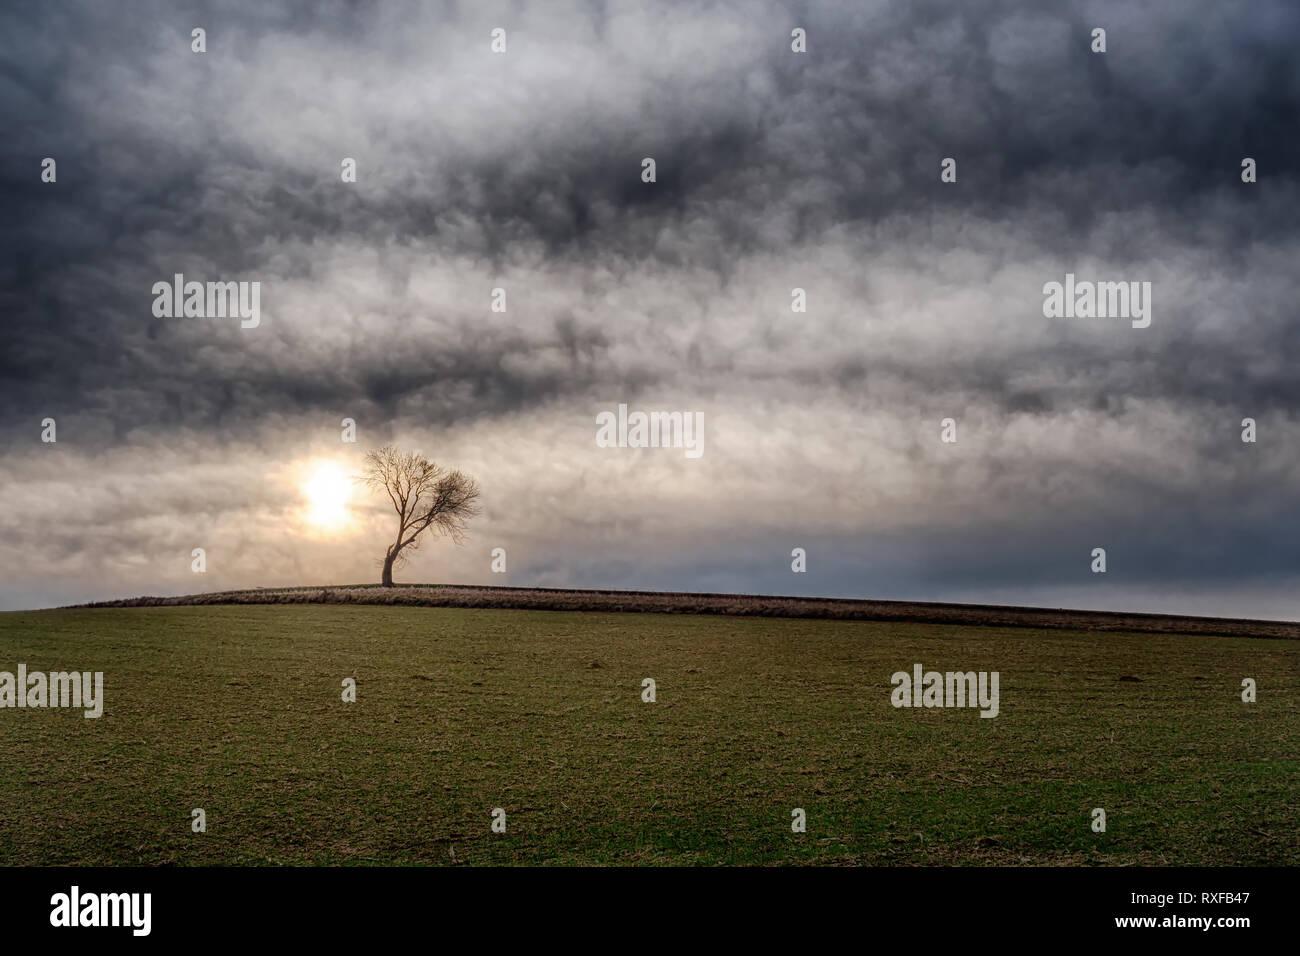 Einzelner Baum auf freiem Feld - Stock Image